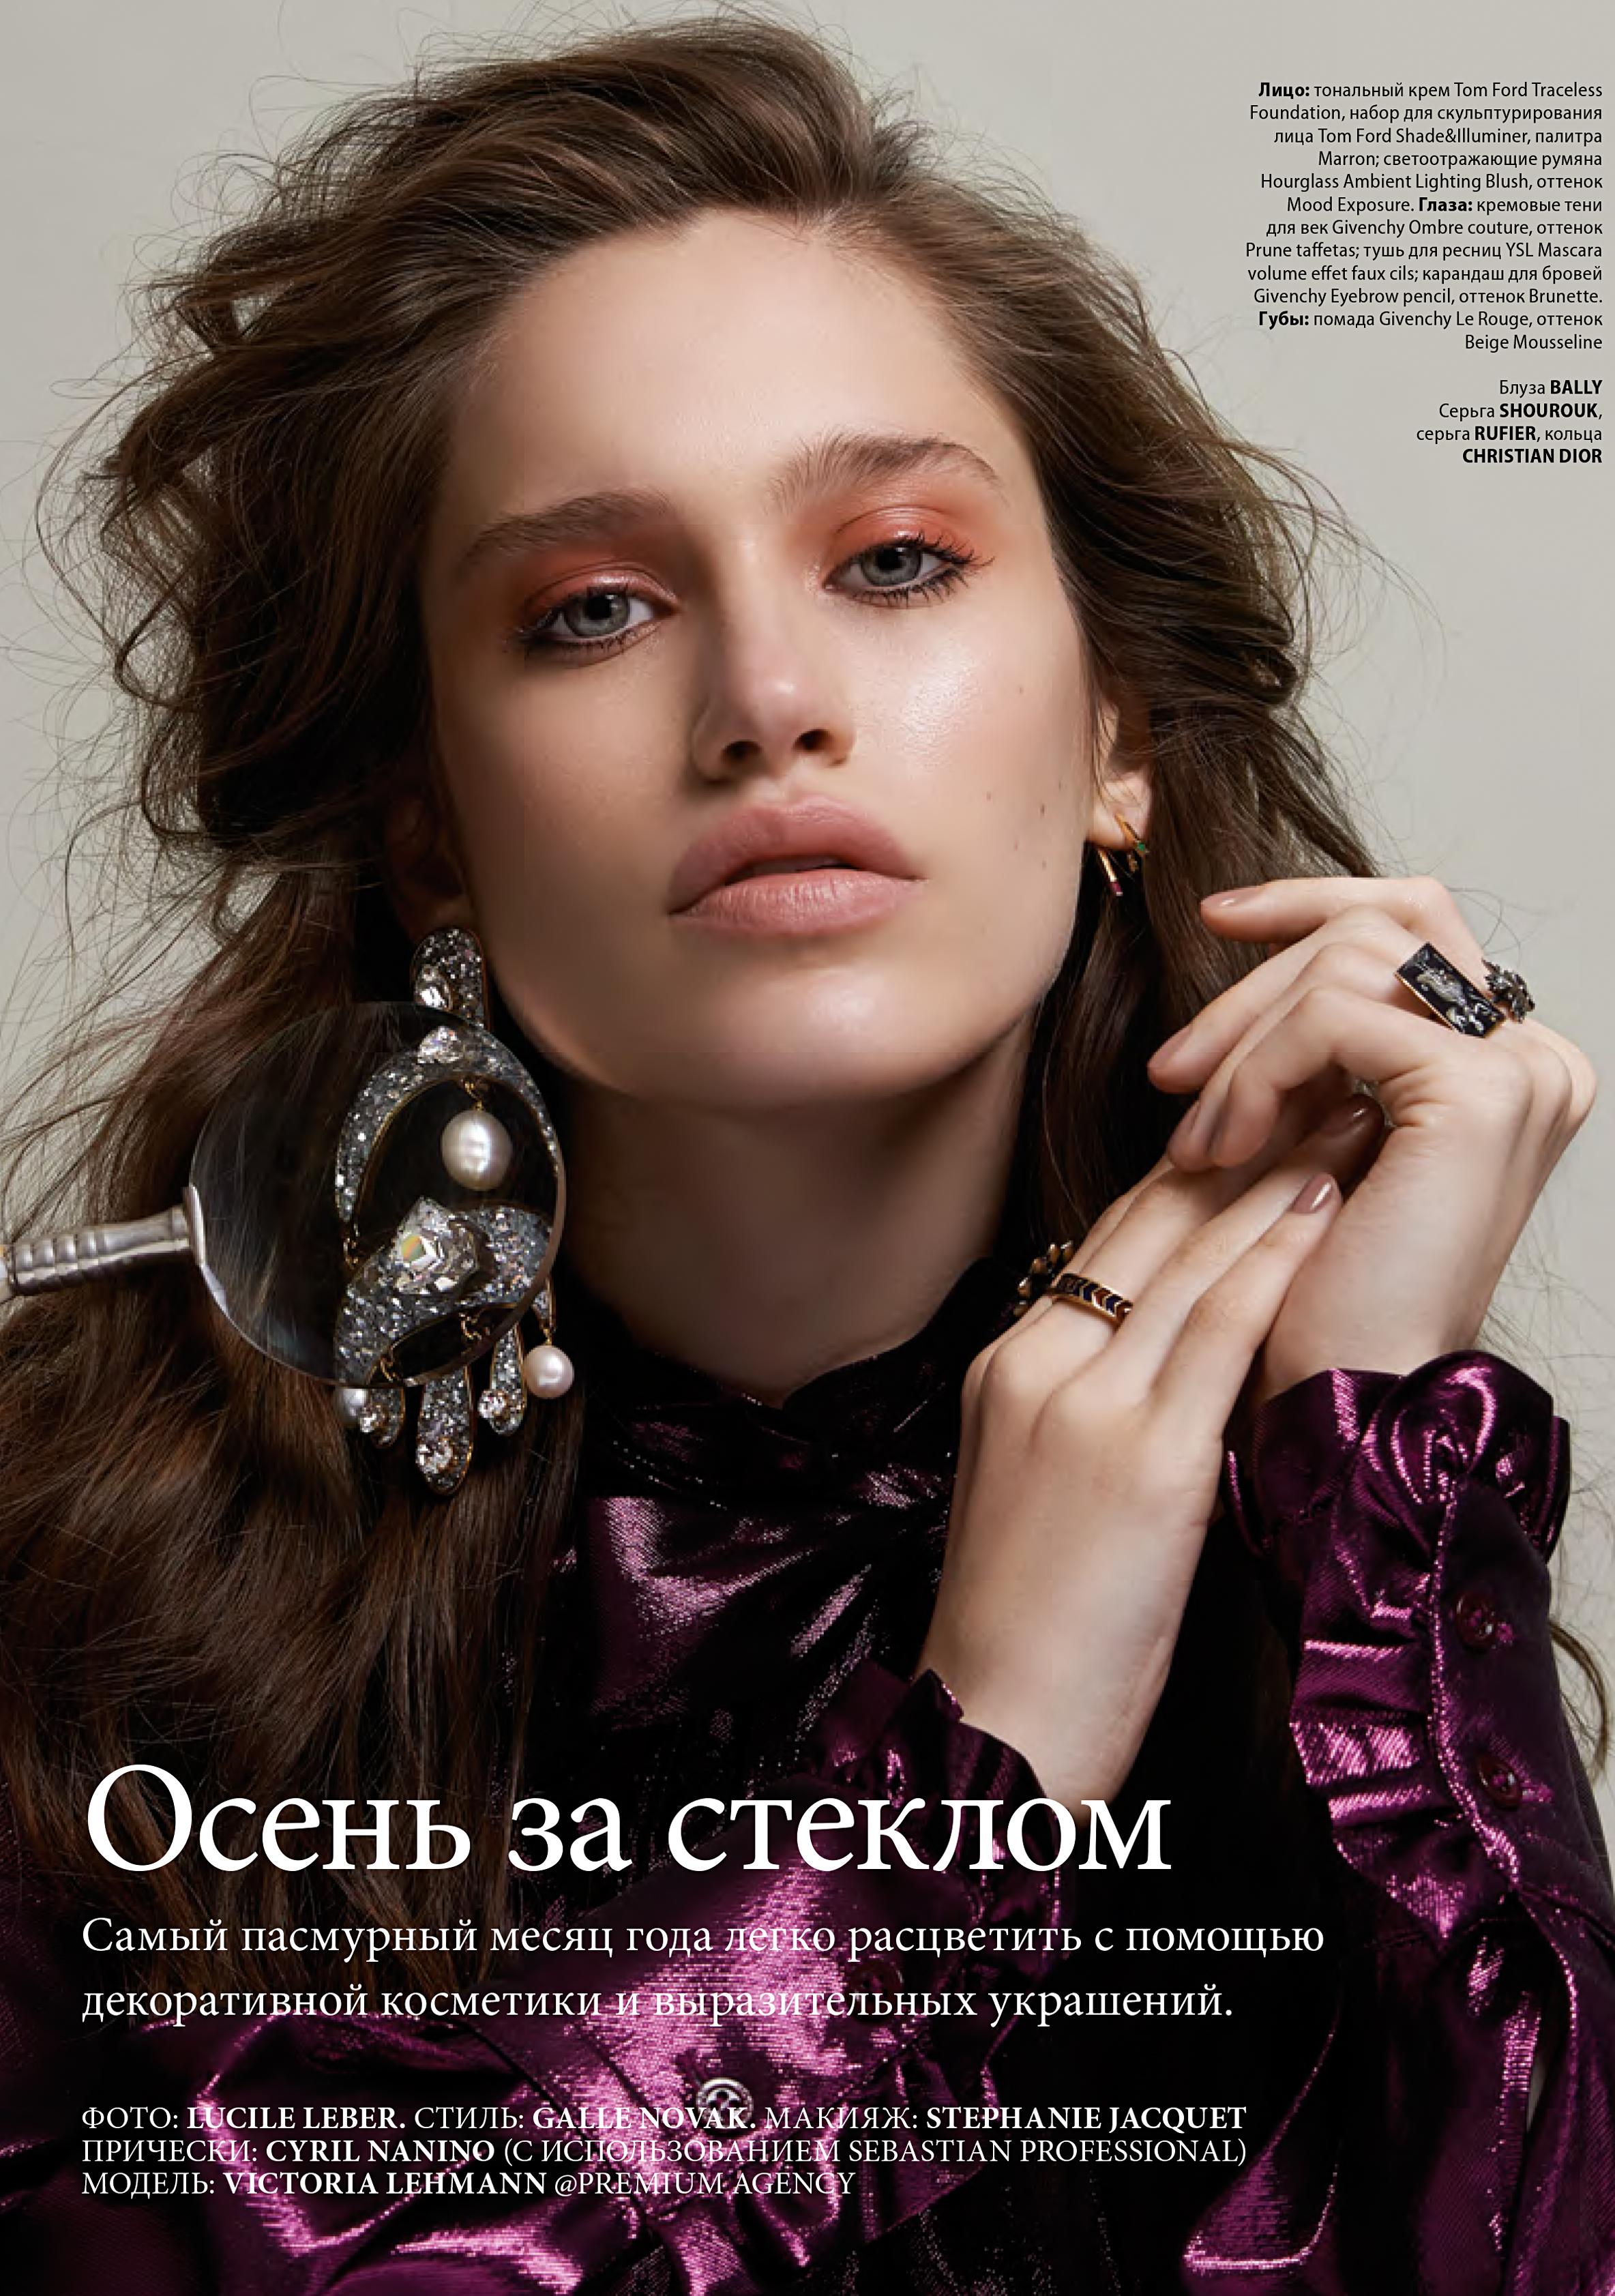 Victoria Lehmann @premium L'OFFICIEL LATVIA